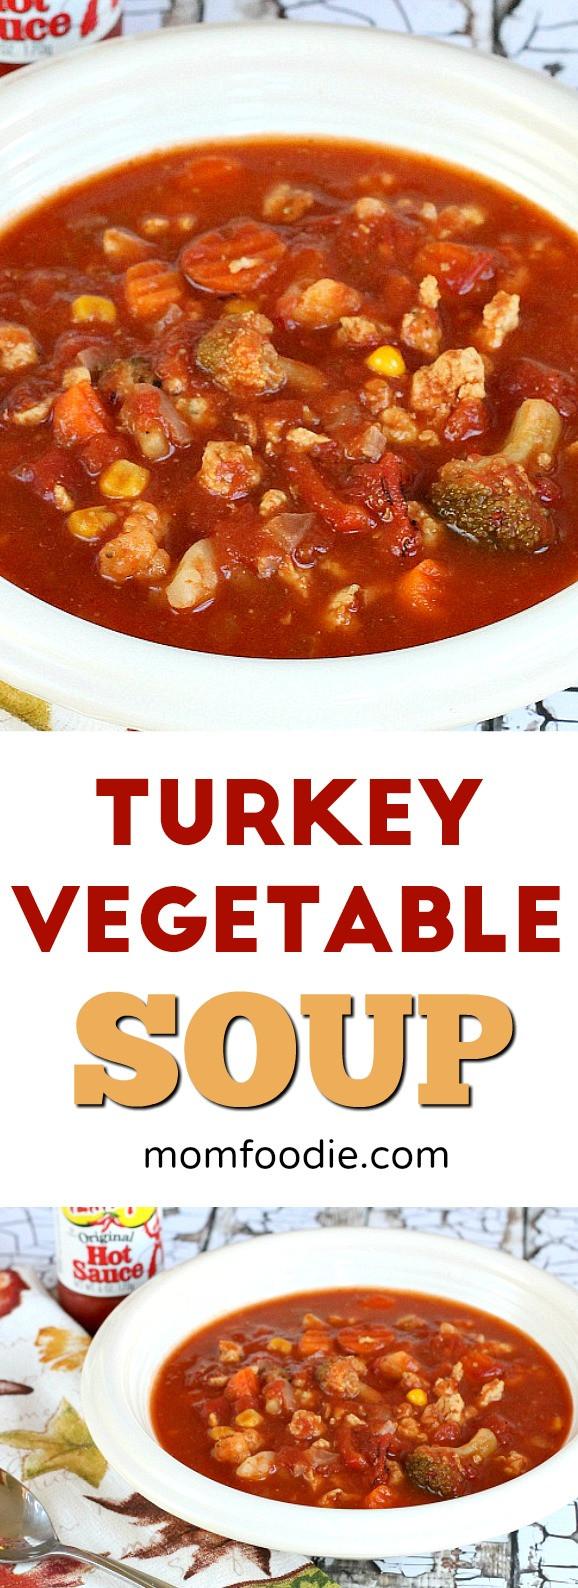 Low Calorie Vegetable Recipes  Turkey Ve able Soup Recipe an easy low calorie soup